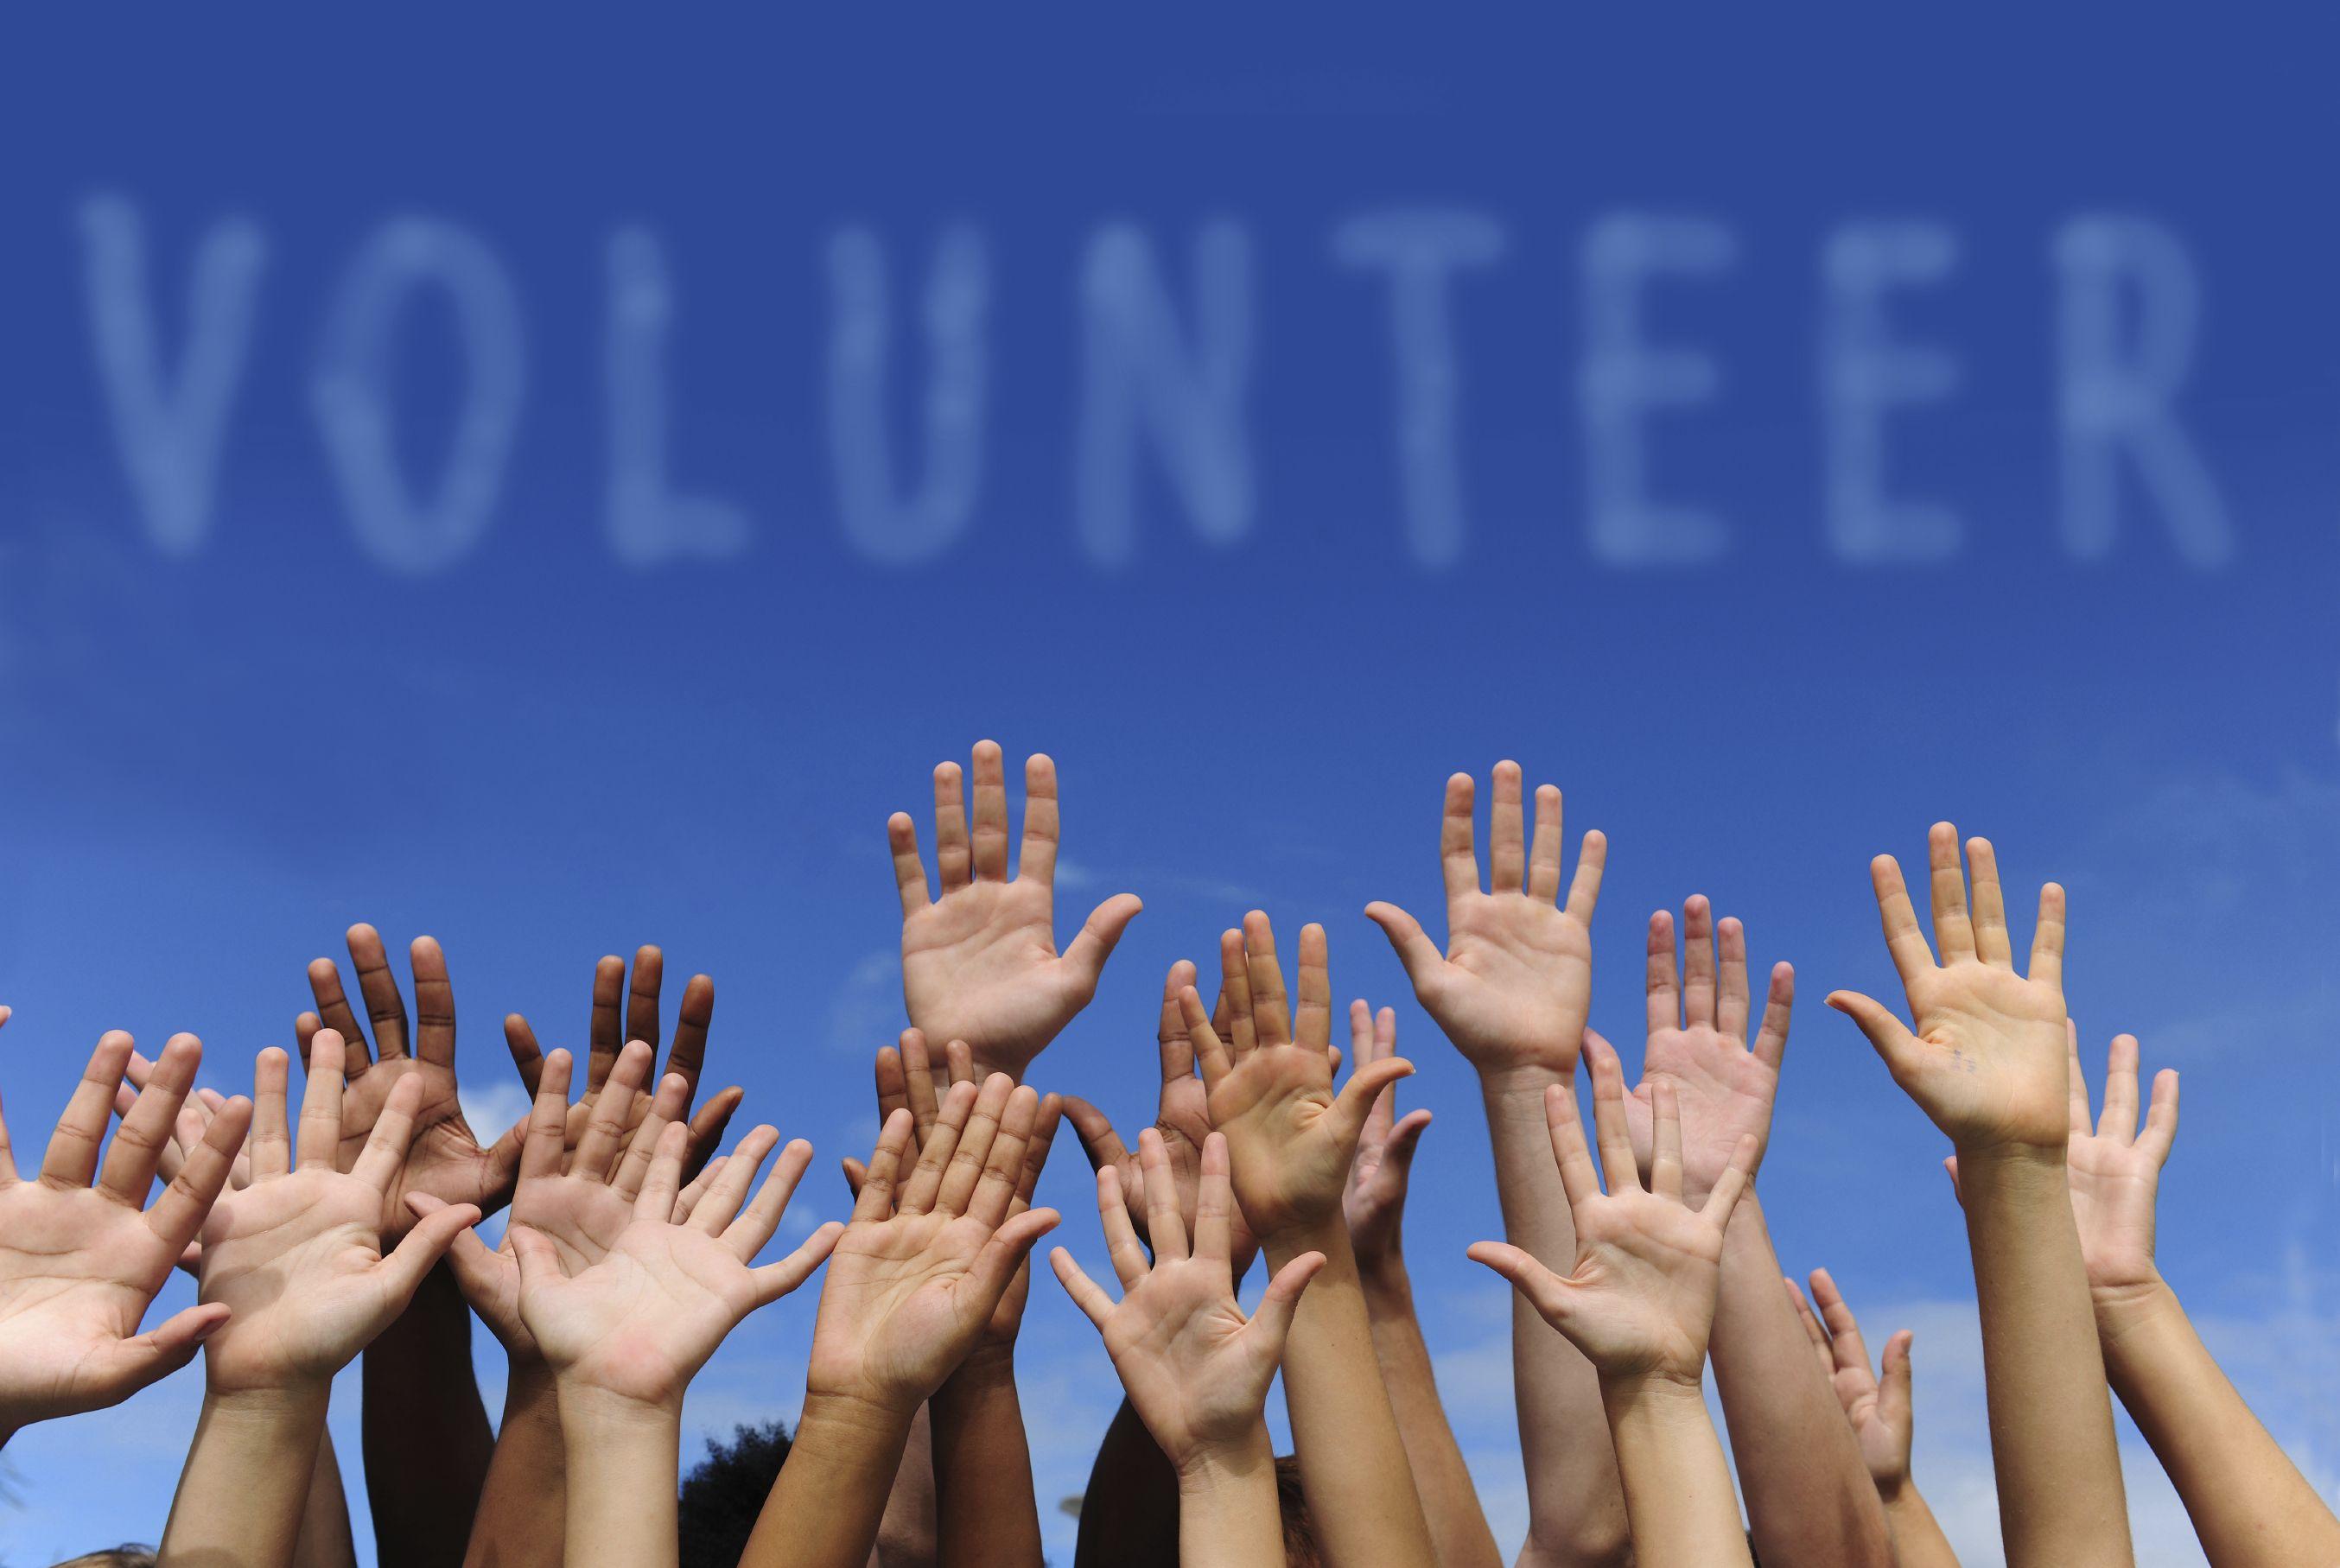 Картинки волонтерства, огонь прикол открытка